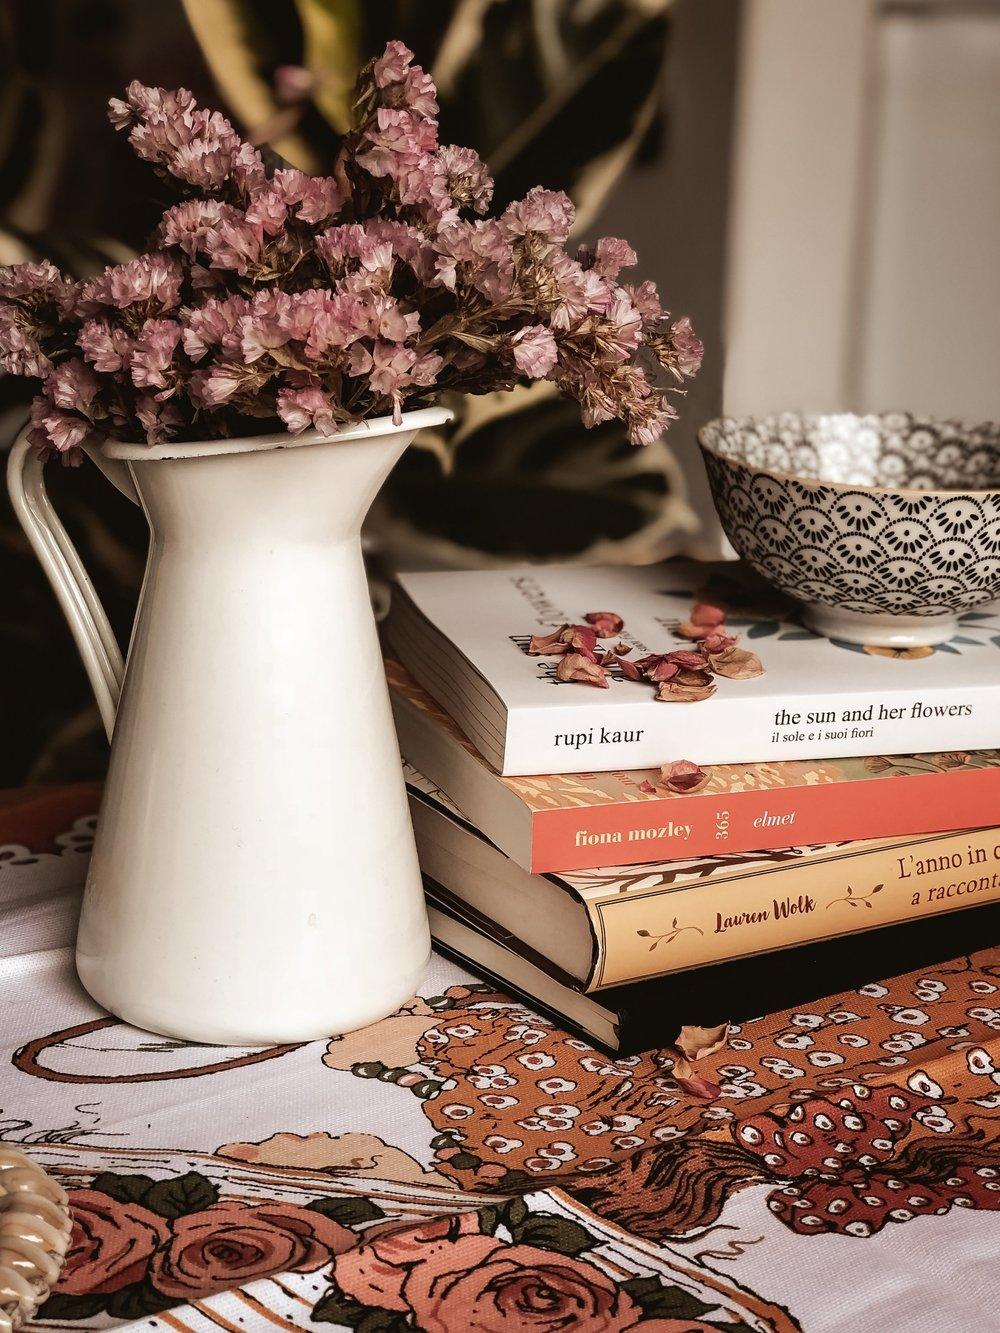 Ultimi acquisti in libreria | www.fefaluna.com